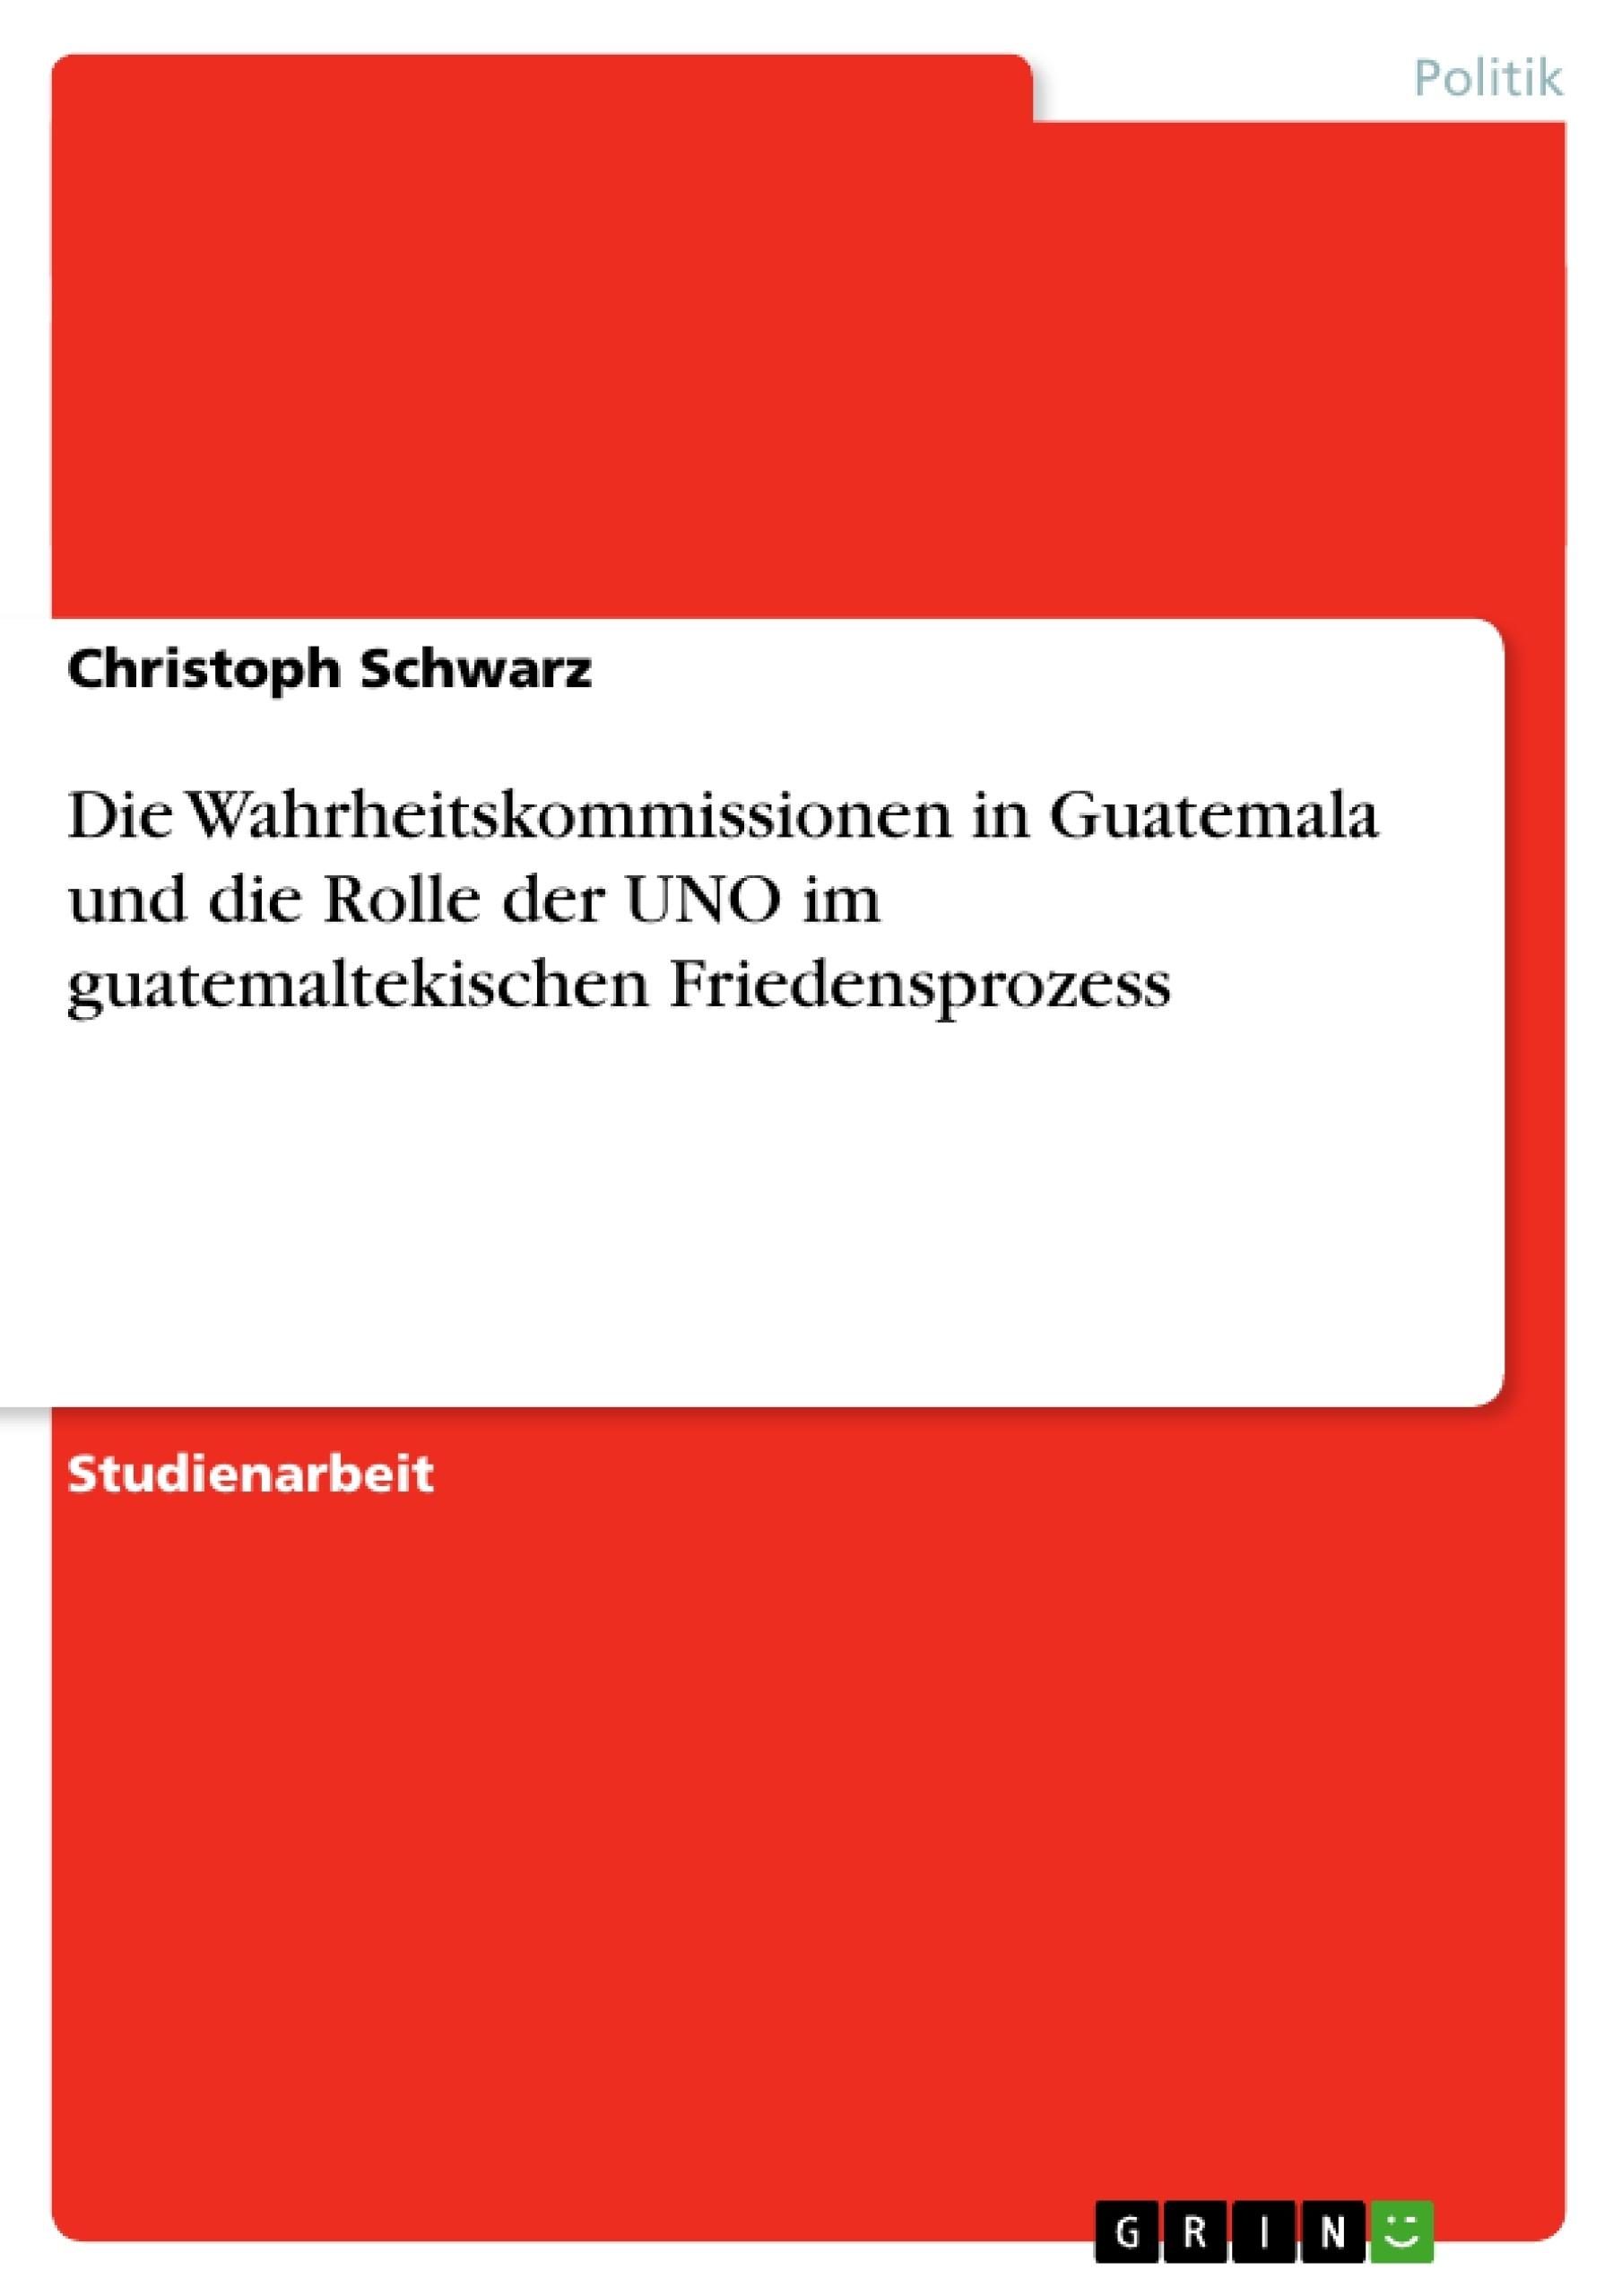 Titel: Die Wahrheitskommissionen in Guatemala und die Rolle der UNO im guatemaltekischen Friedensprozess